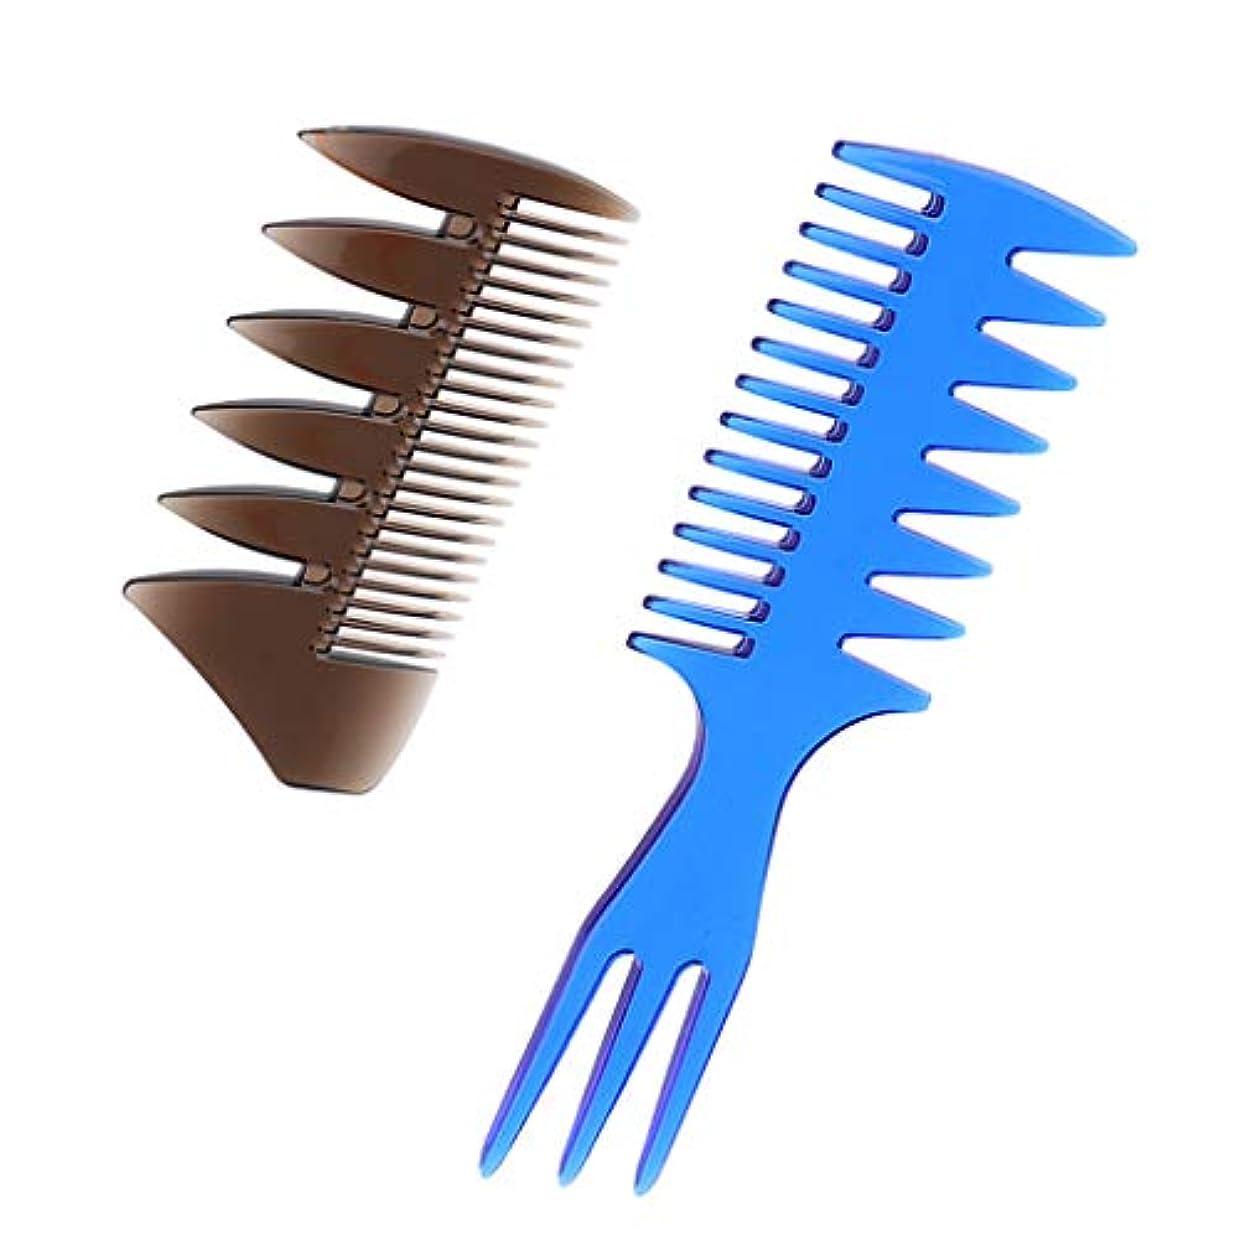 会社告発者教育者2本 男性 油性の髪櫛 ヘアブラシ ヘアサロン 広い歯櫛